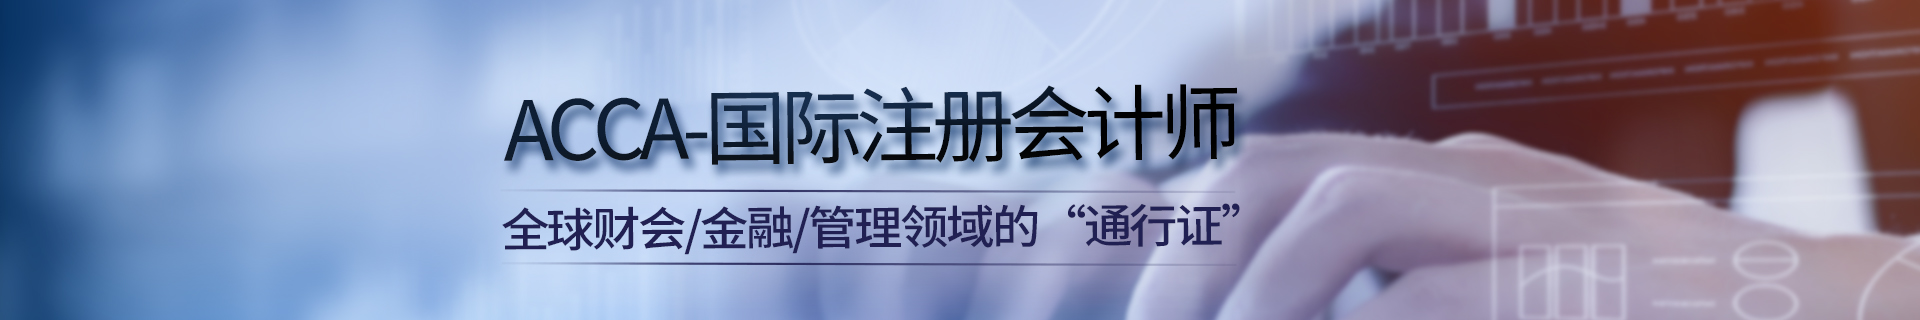 福州ACCA辅导机构闽侯校区